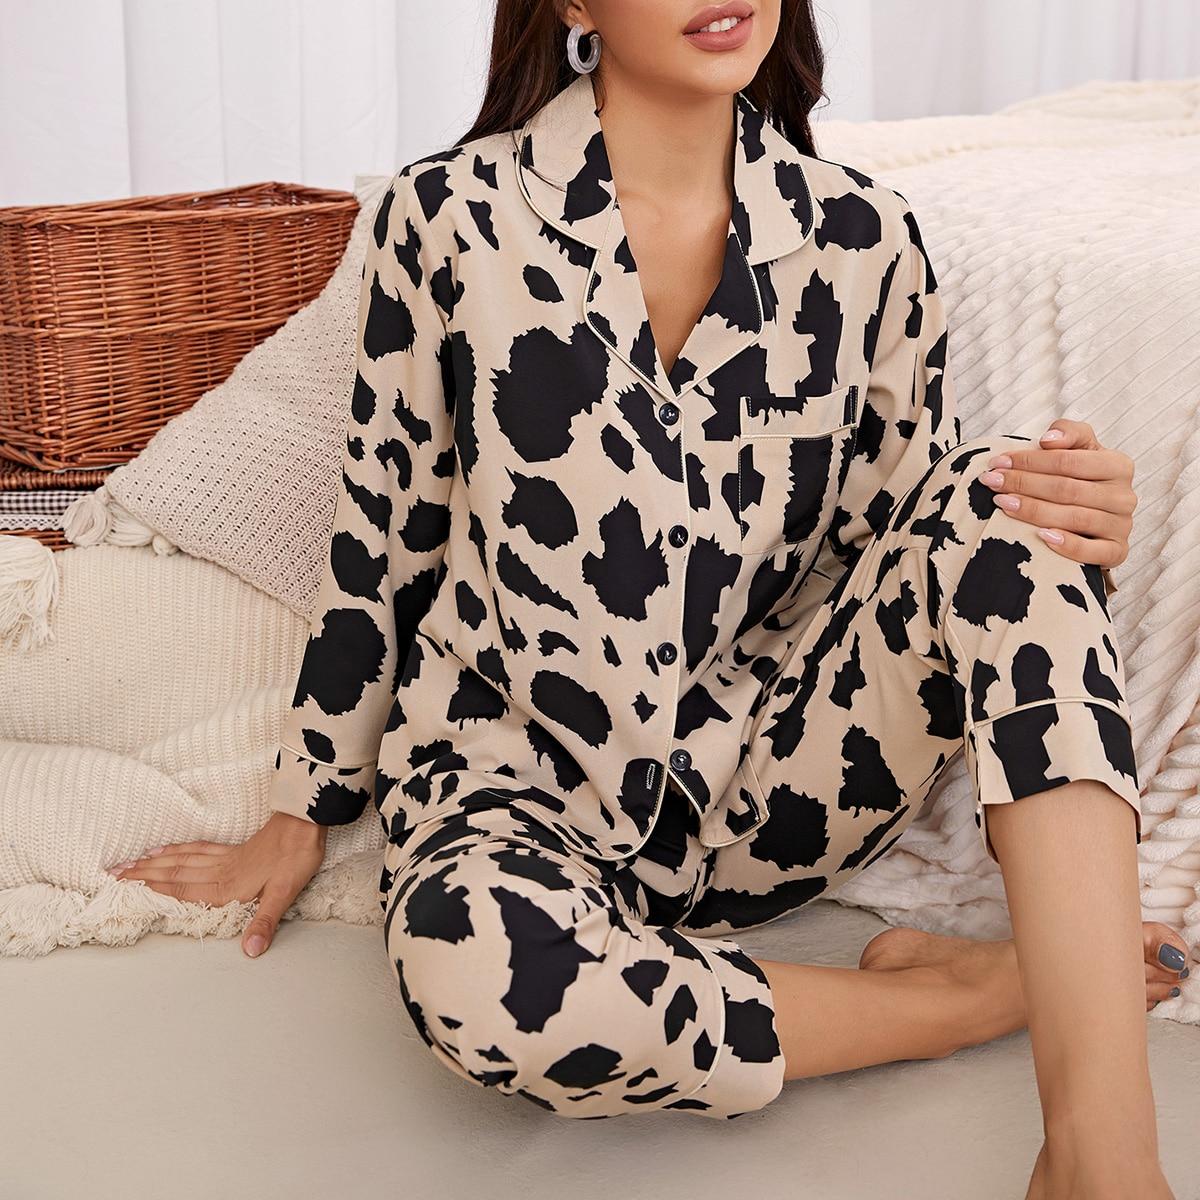 Пижама с карманом, пуговицами и принтом